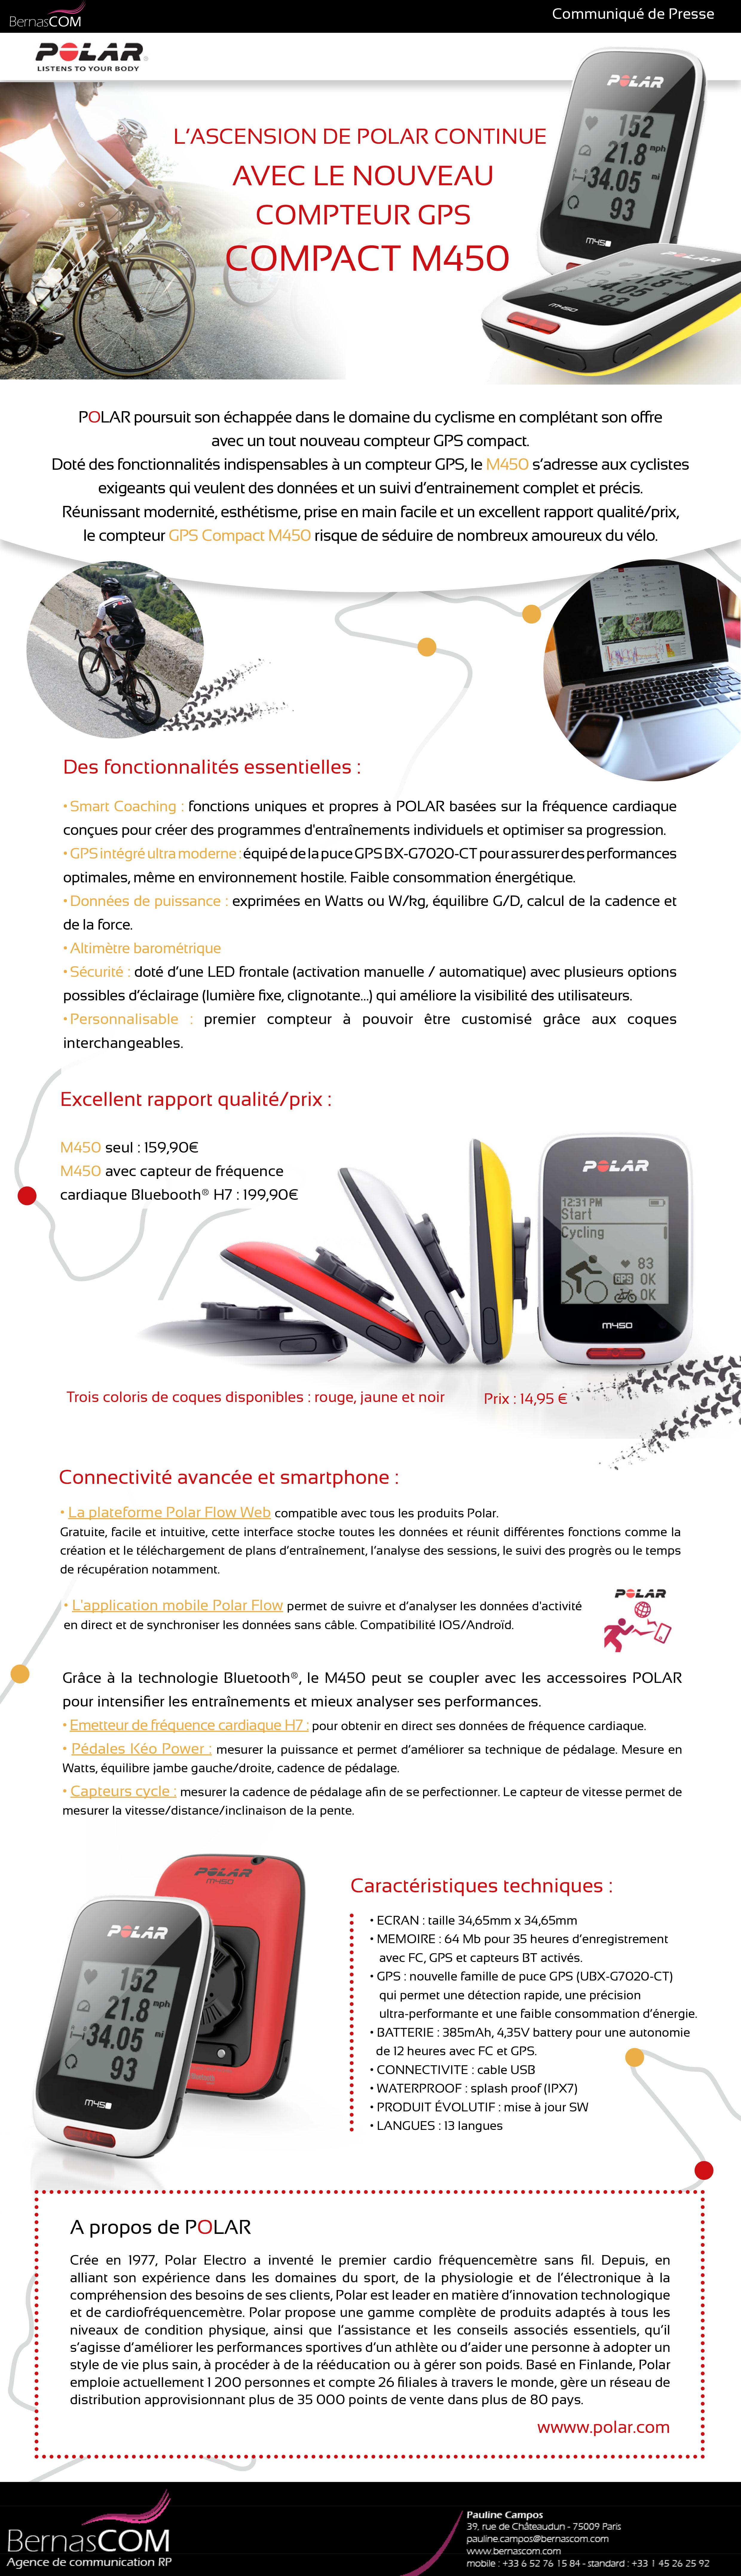 POLAR innove avec son compteur GPS COMPACT M450 !